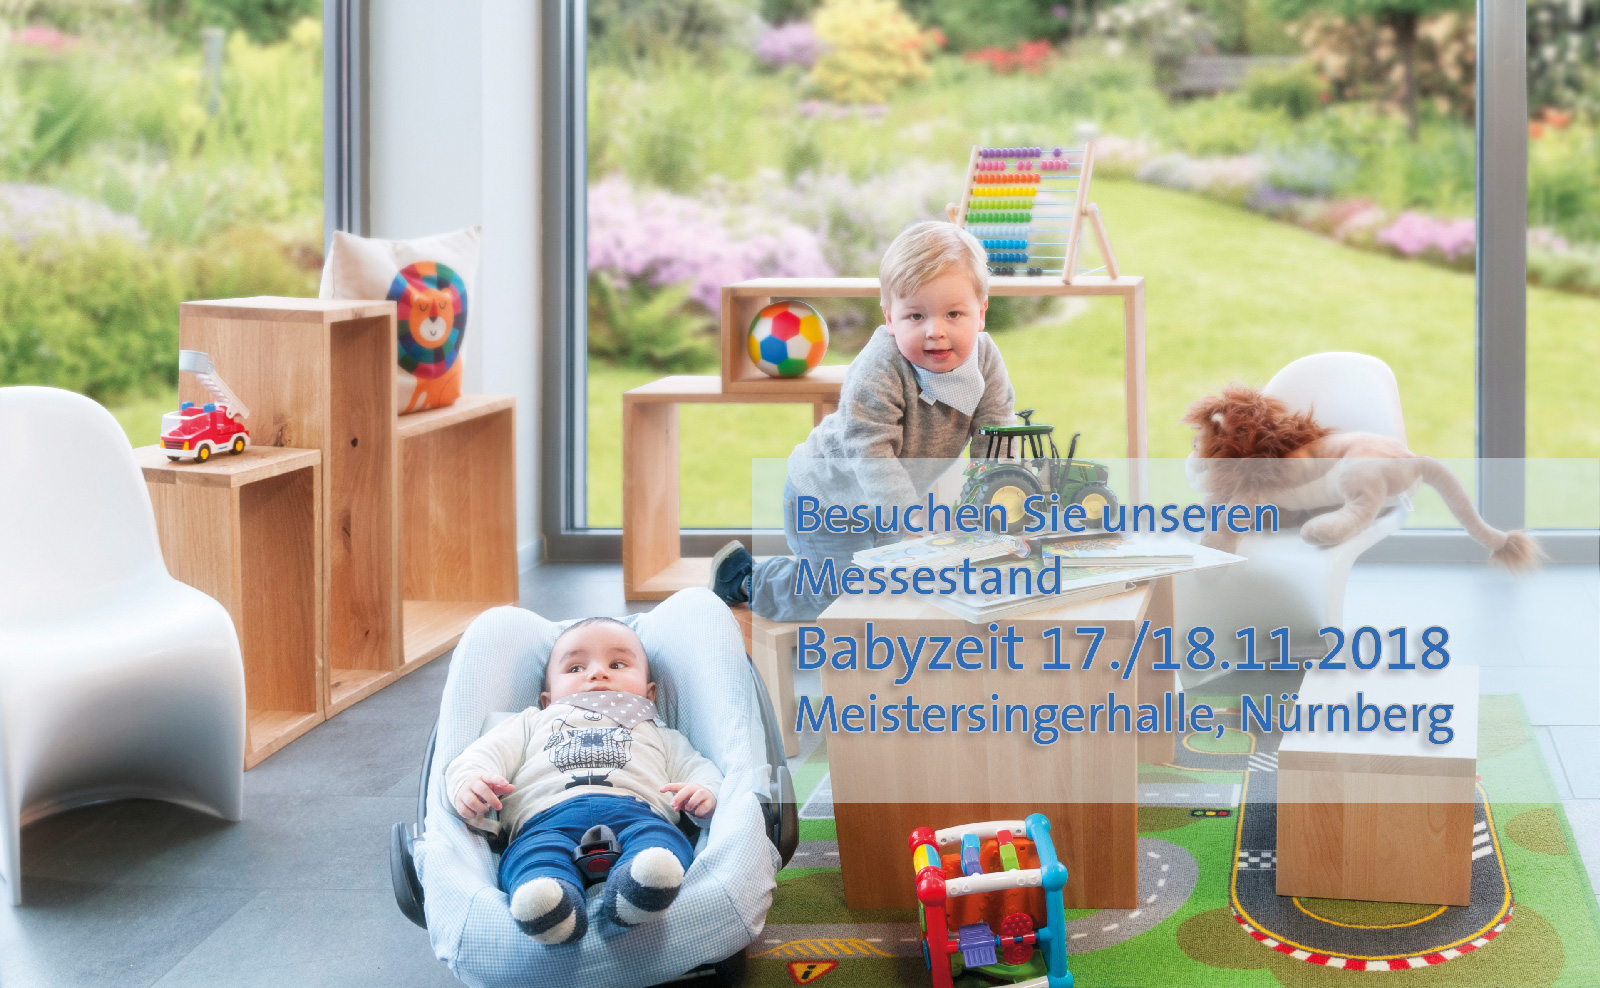 Besuchen Sie unseren Messestand auf der Babyzeit in Nürnberg, Meistersingerhalle, 17./18.11.18